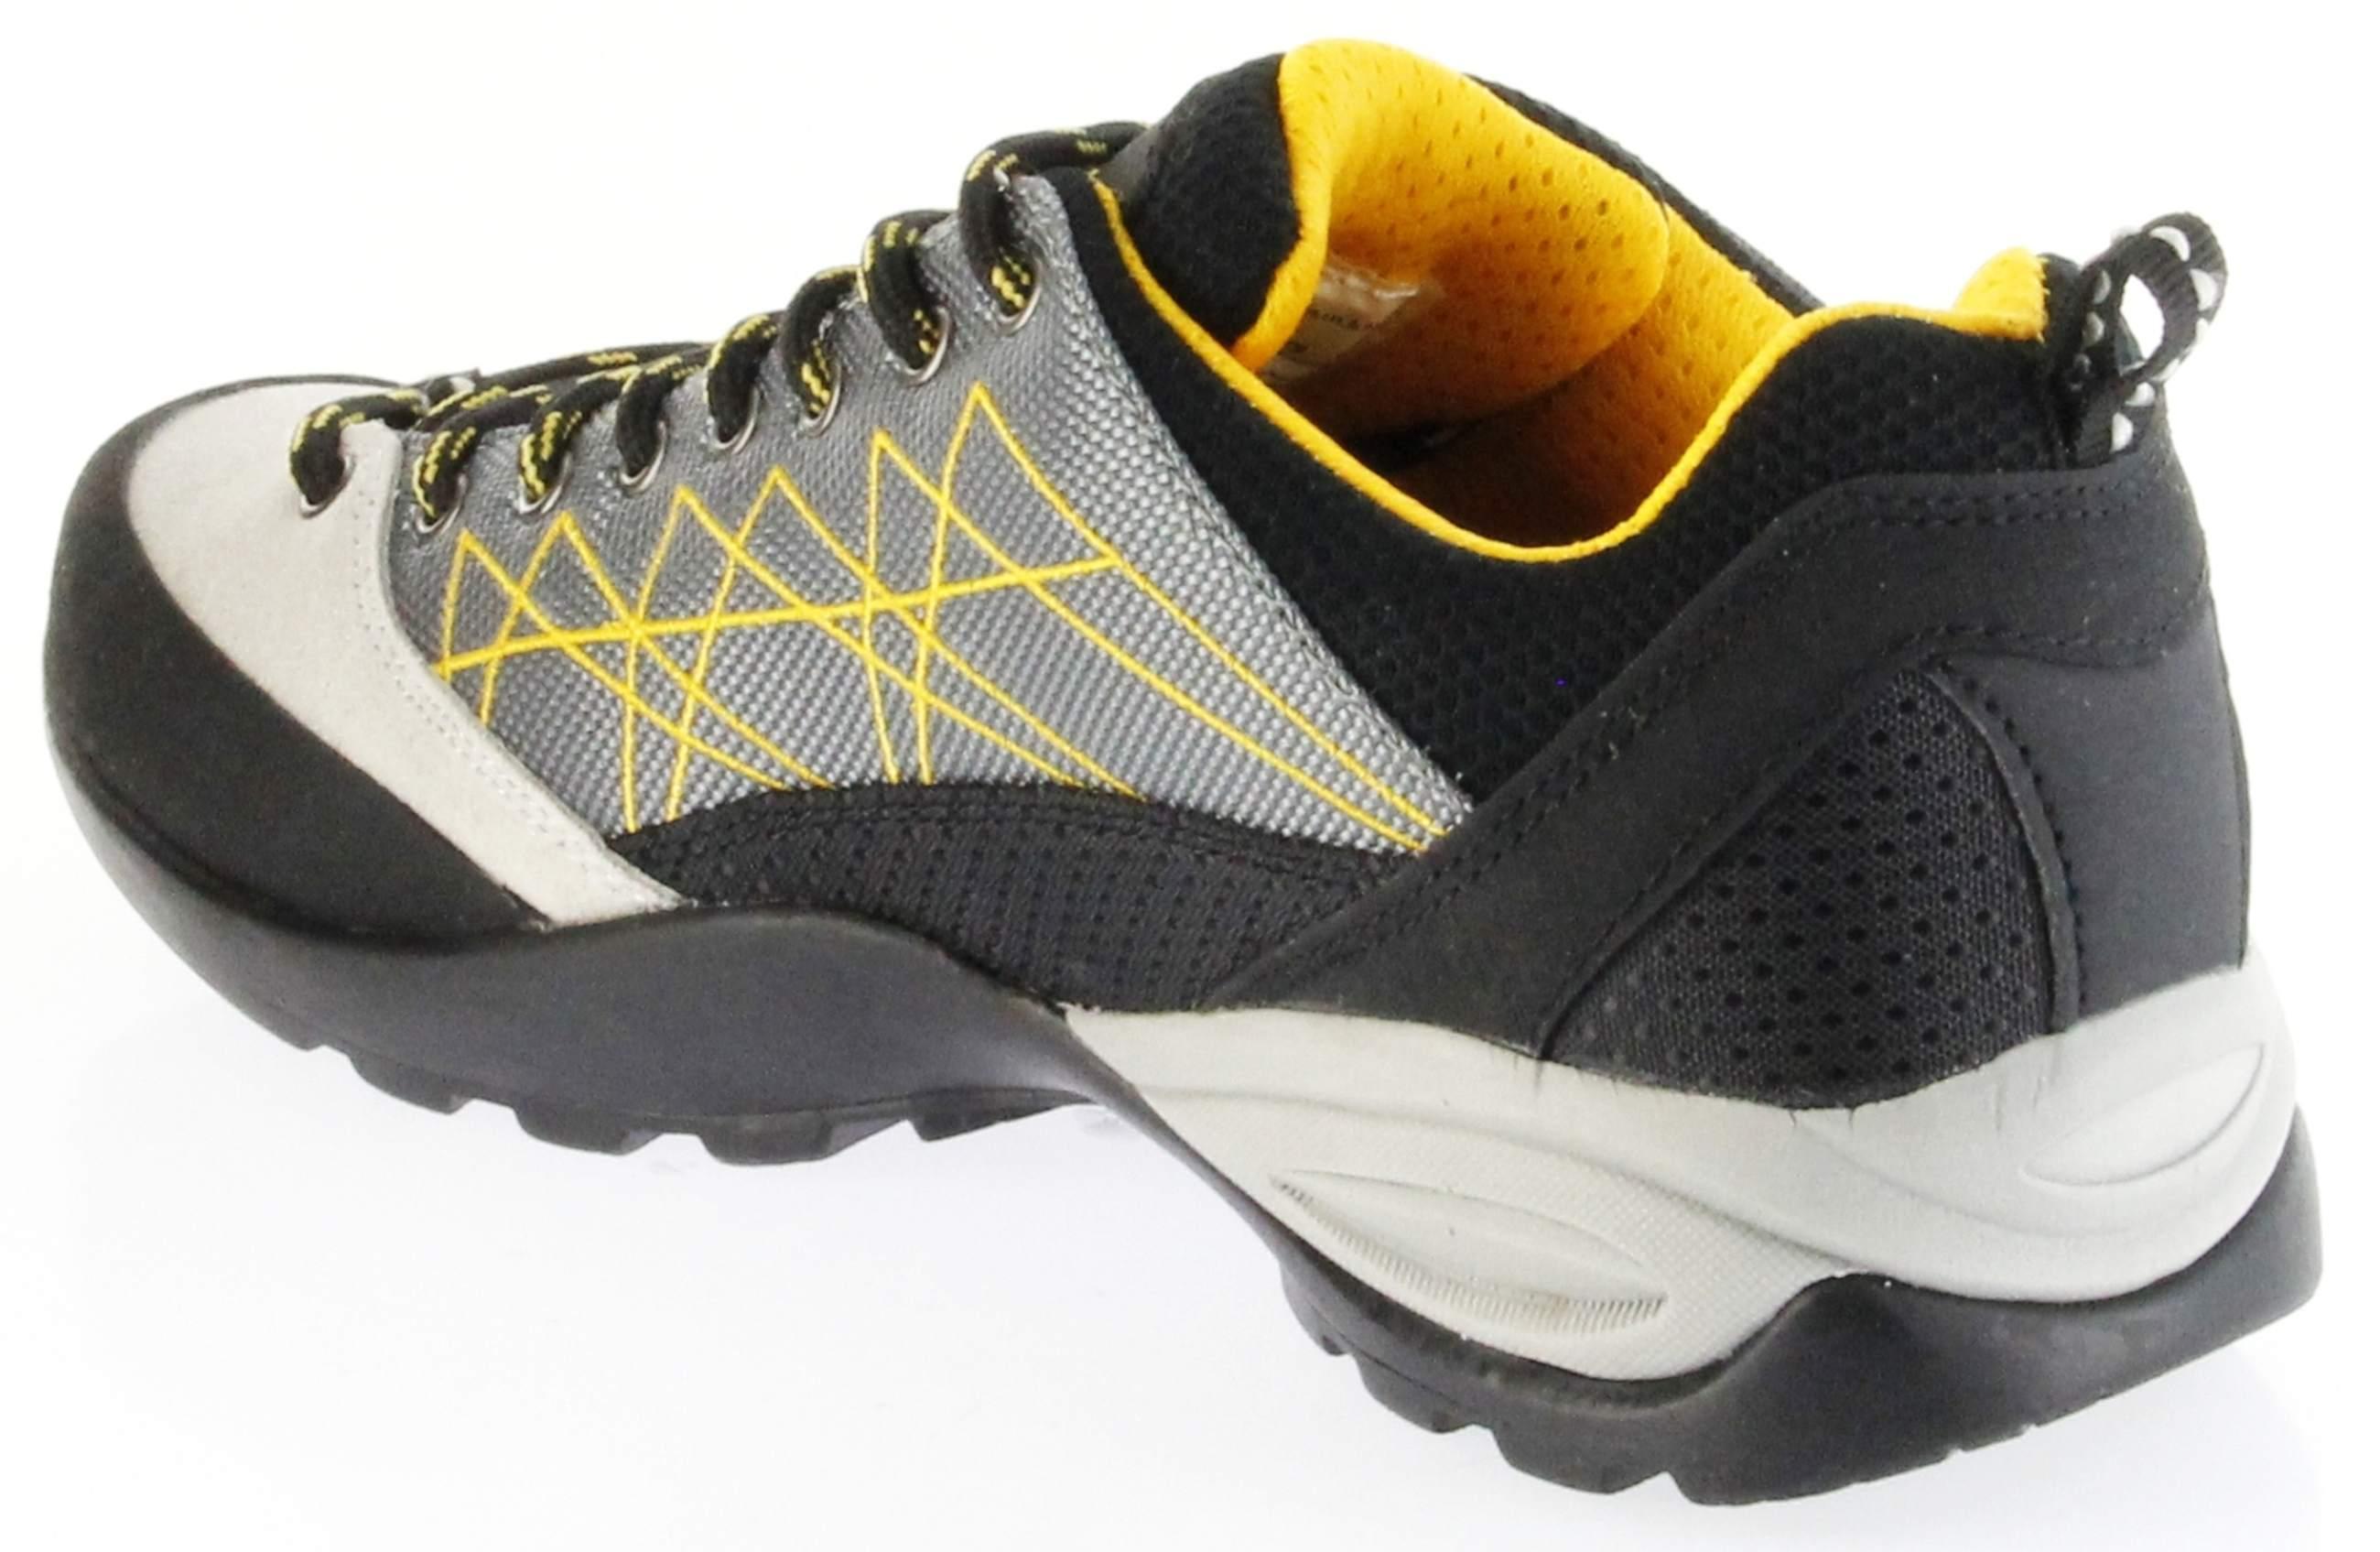 ConWay Sportschuhe Grau Herren/Damen Outdoor Wander Trekking Schuhe Condor, Farbe:Grau, Größe:41